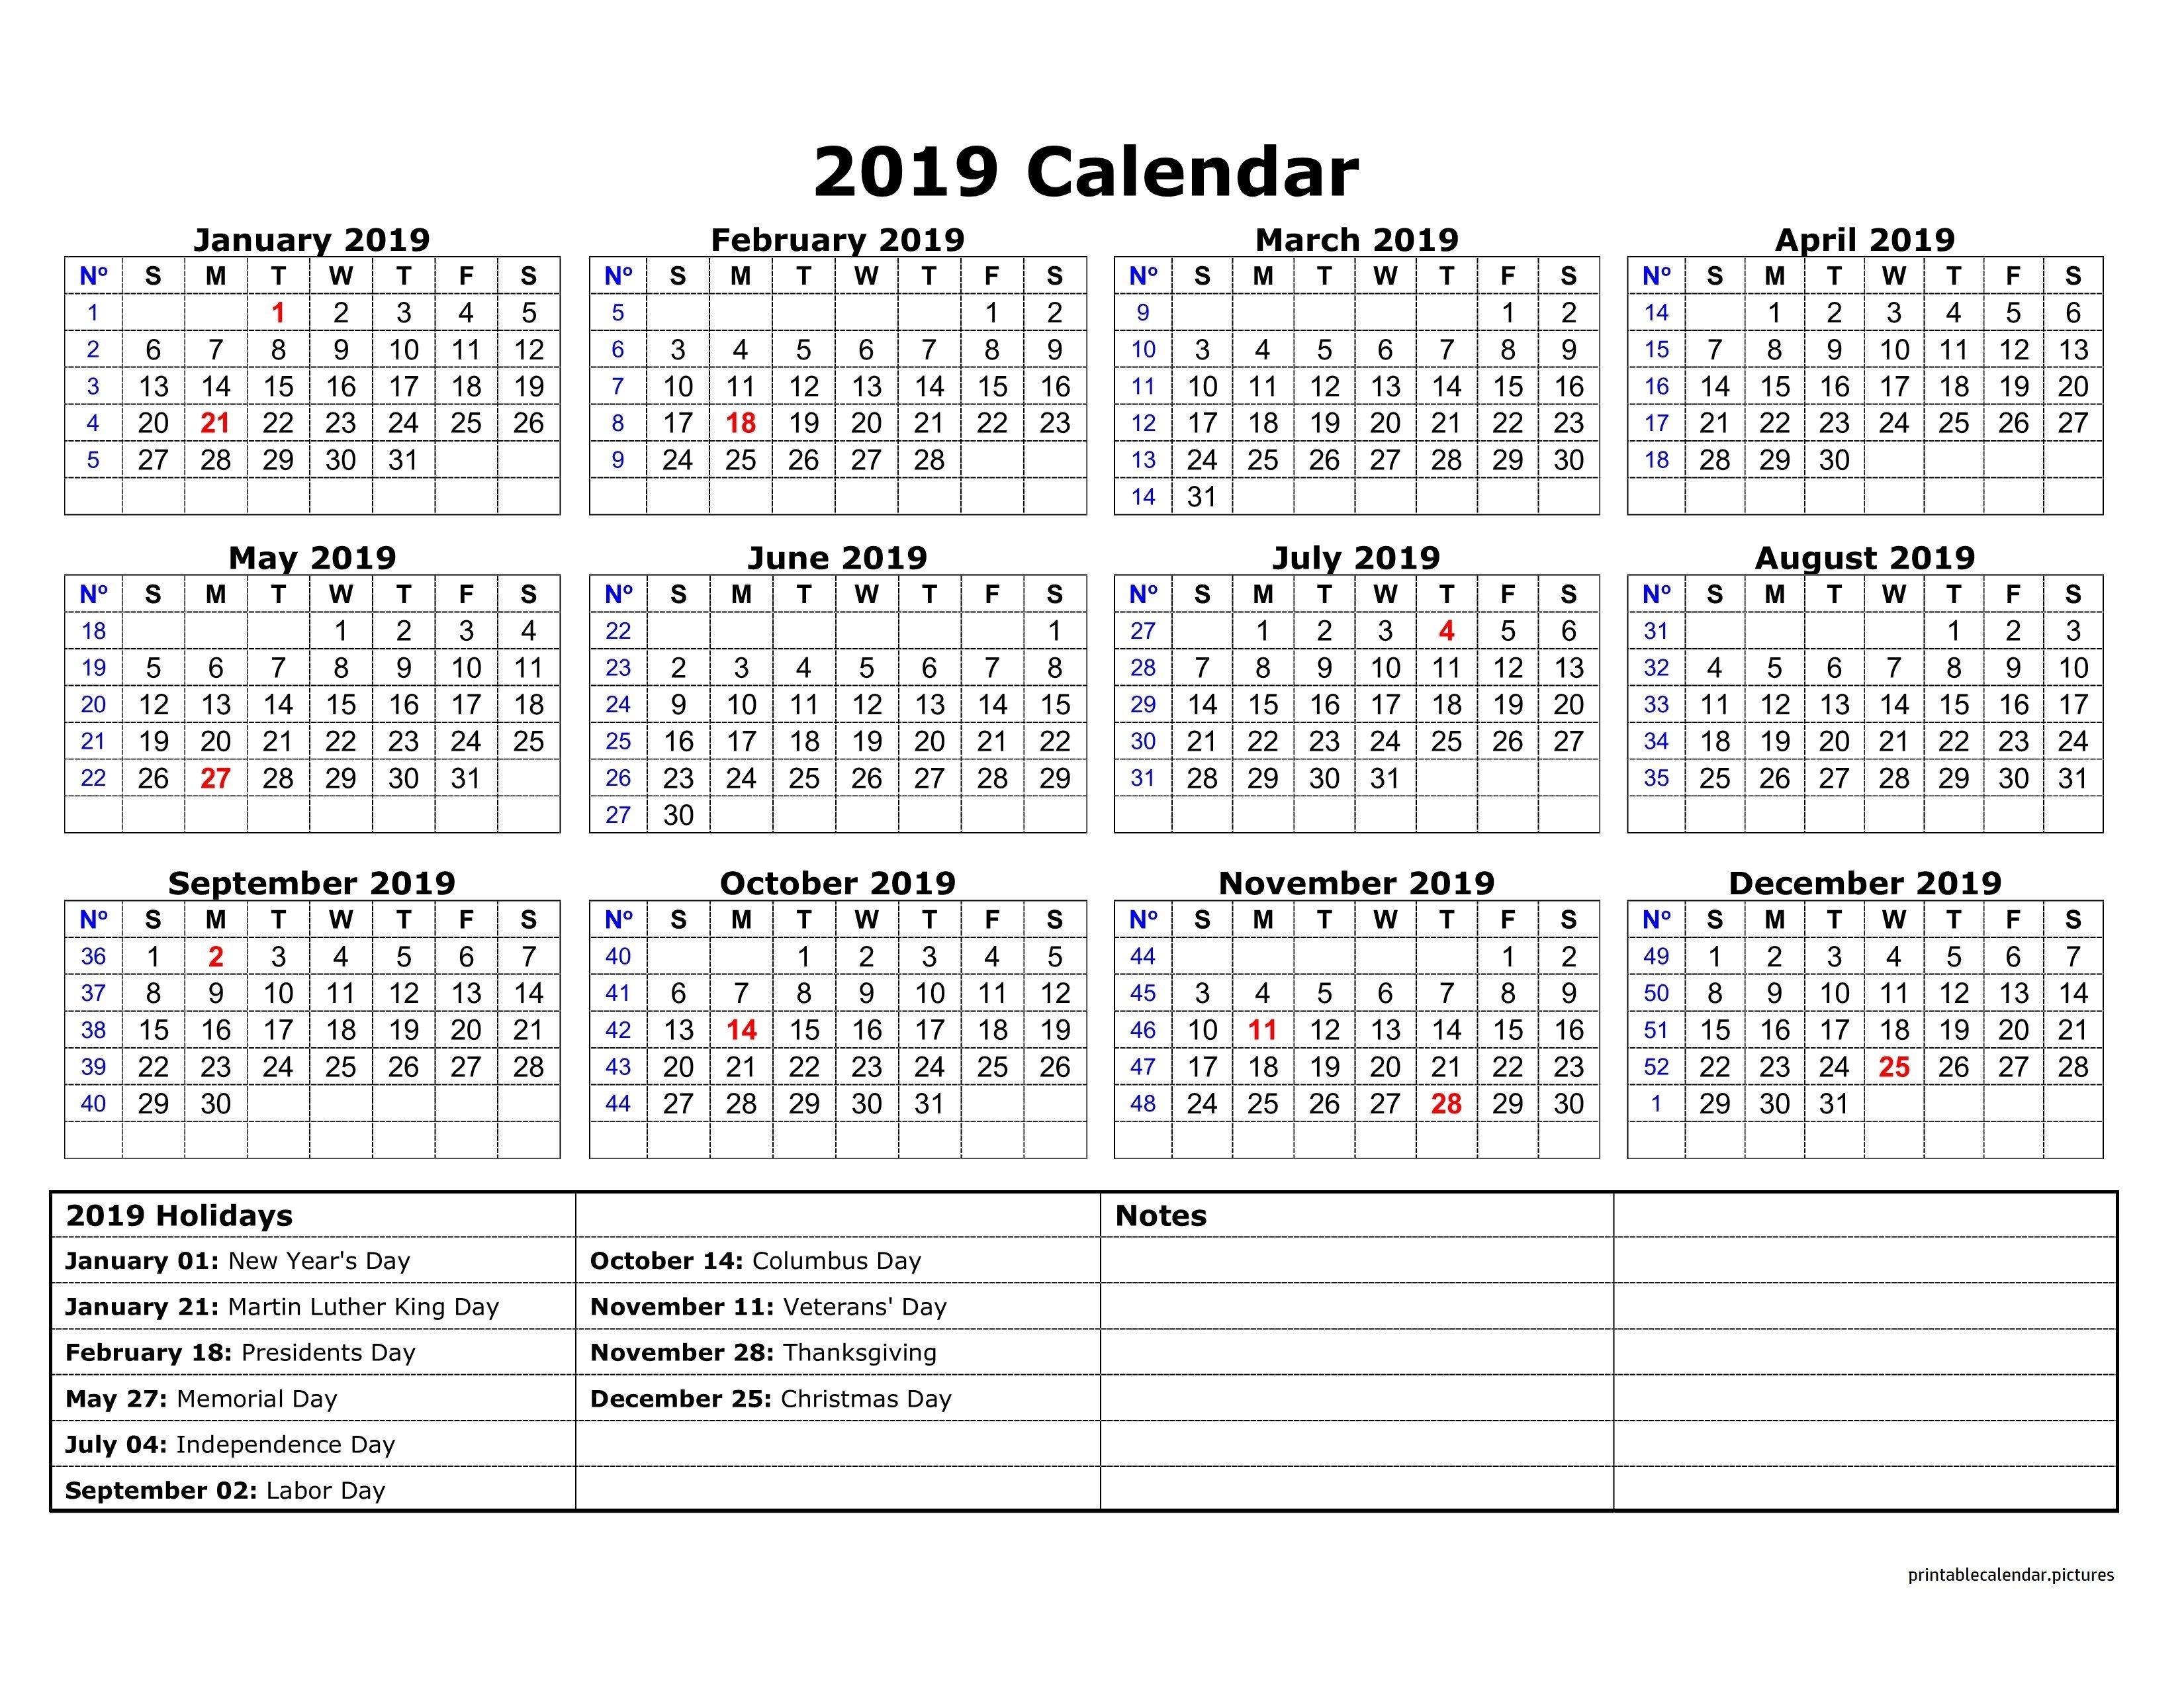 2019 Calendar Holidays Australia | 2019 Calendar Holidays Calendar 2019 Australia